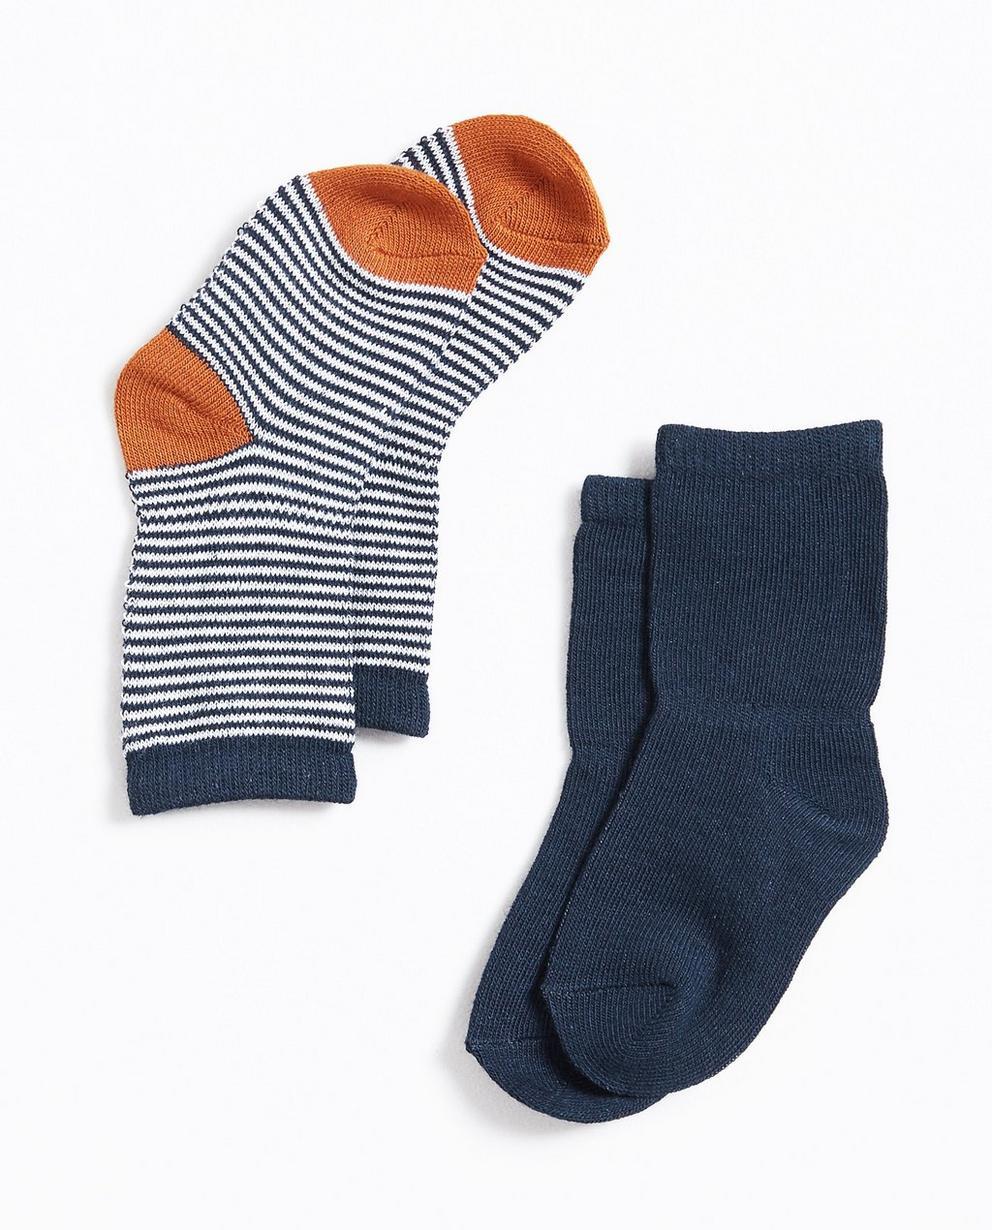 2 paires de chaussettes - rayées et unies - Newborn